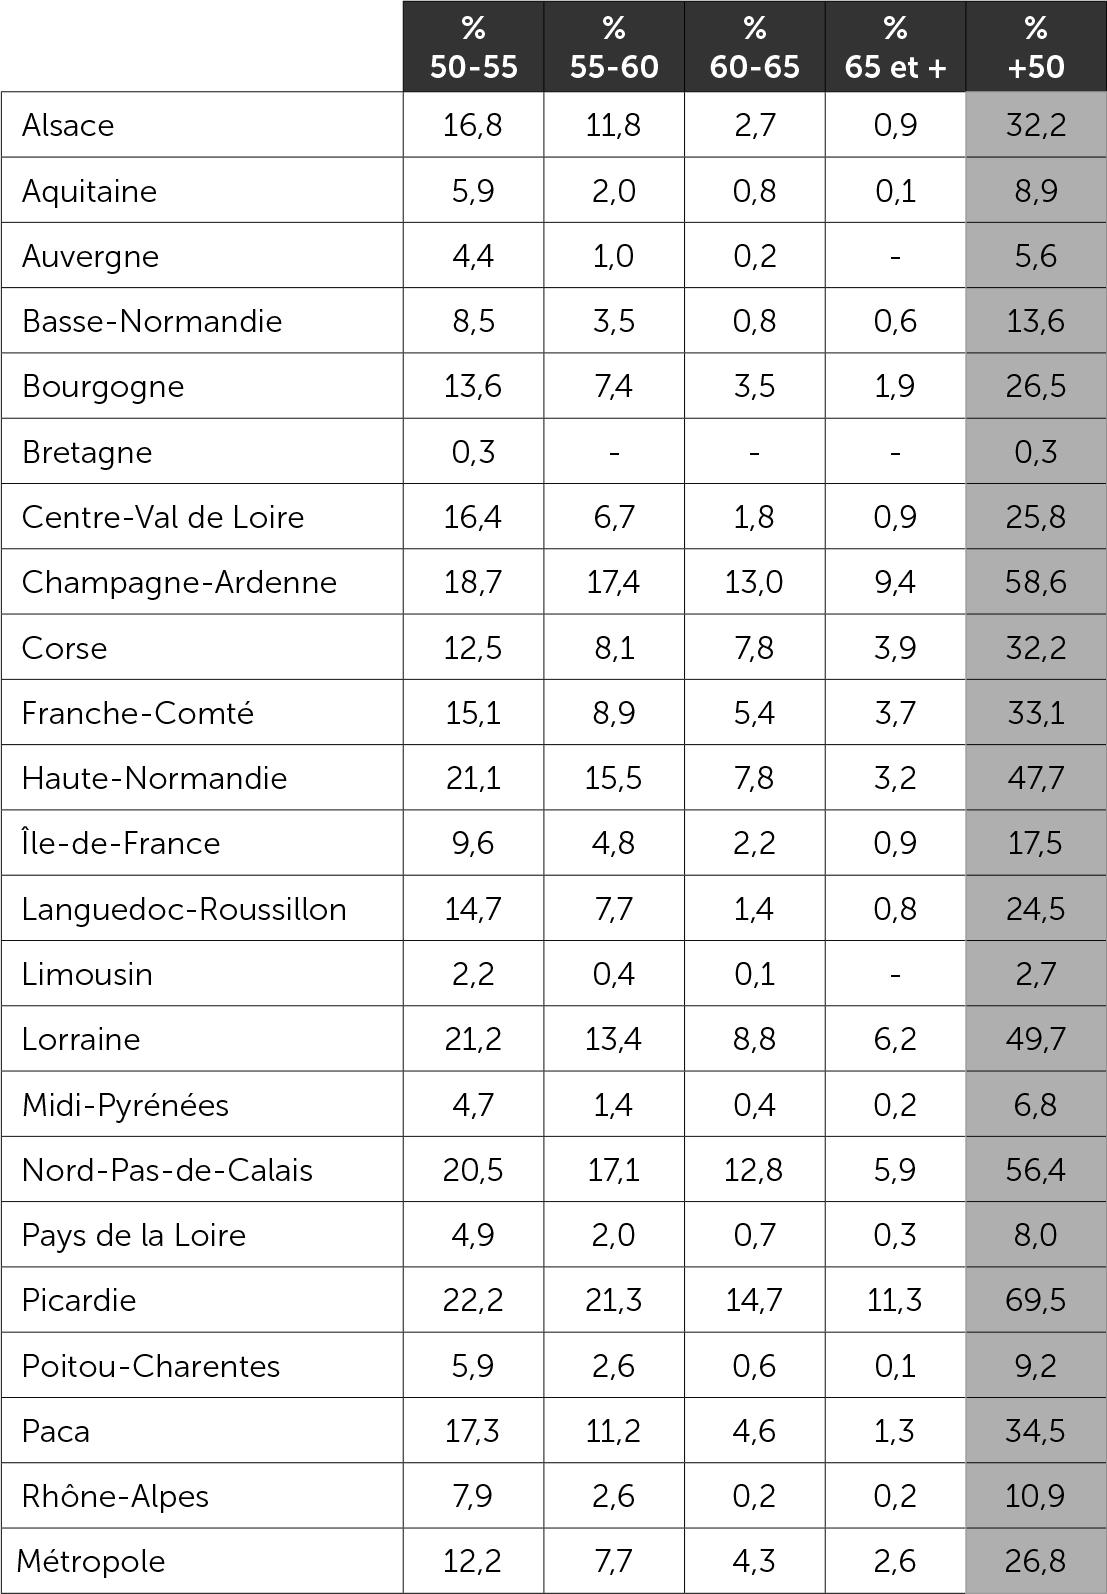 Le vote Le Pen le 7 mai - selon l'intensité du score au niveau communal